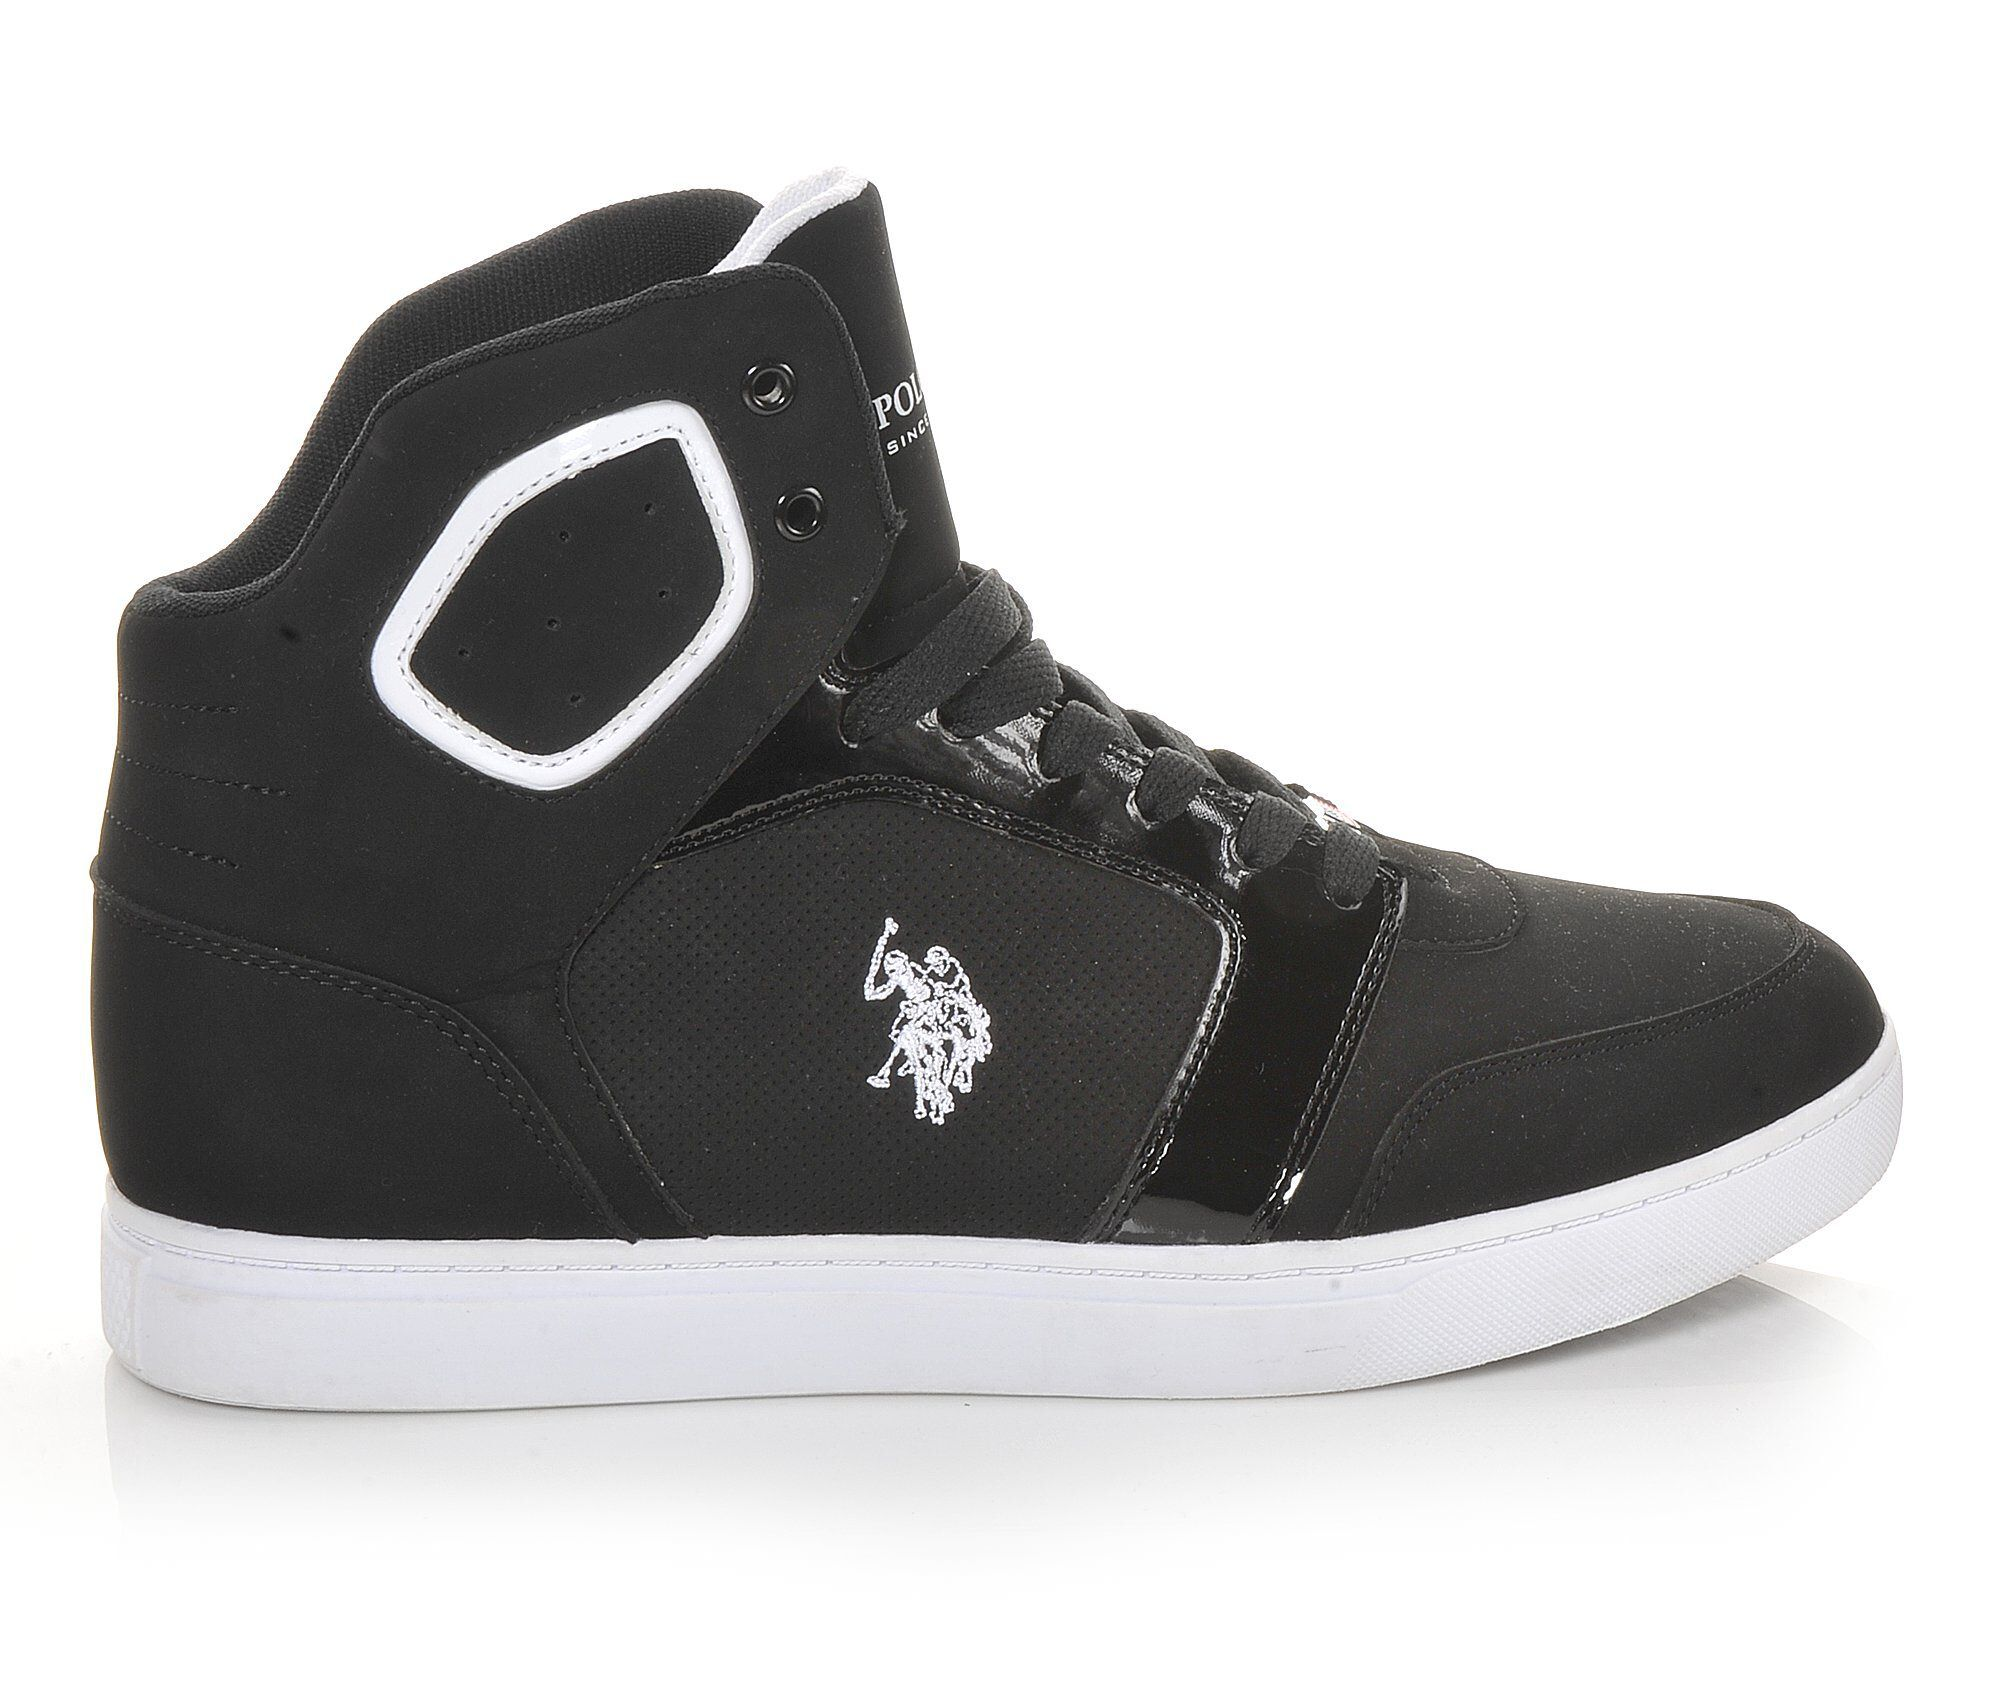 Uspolo Assn. Uspolo Assn. High-tops & Sneakers High-tops Et Chaussures De Sport FYnLNq8